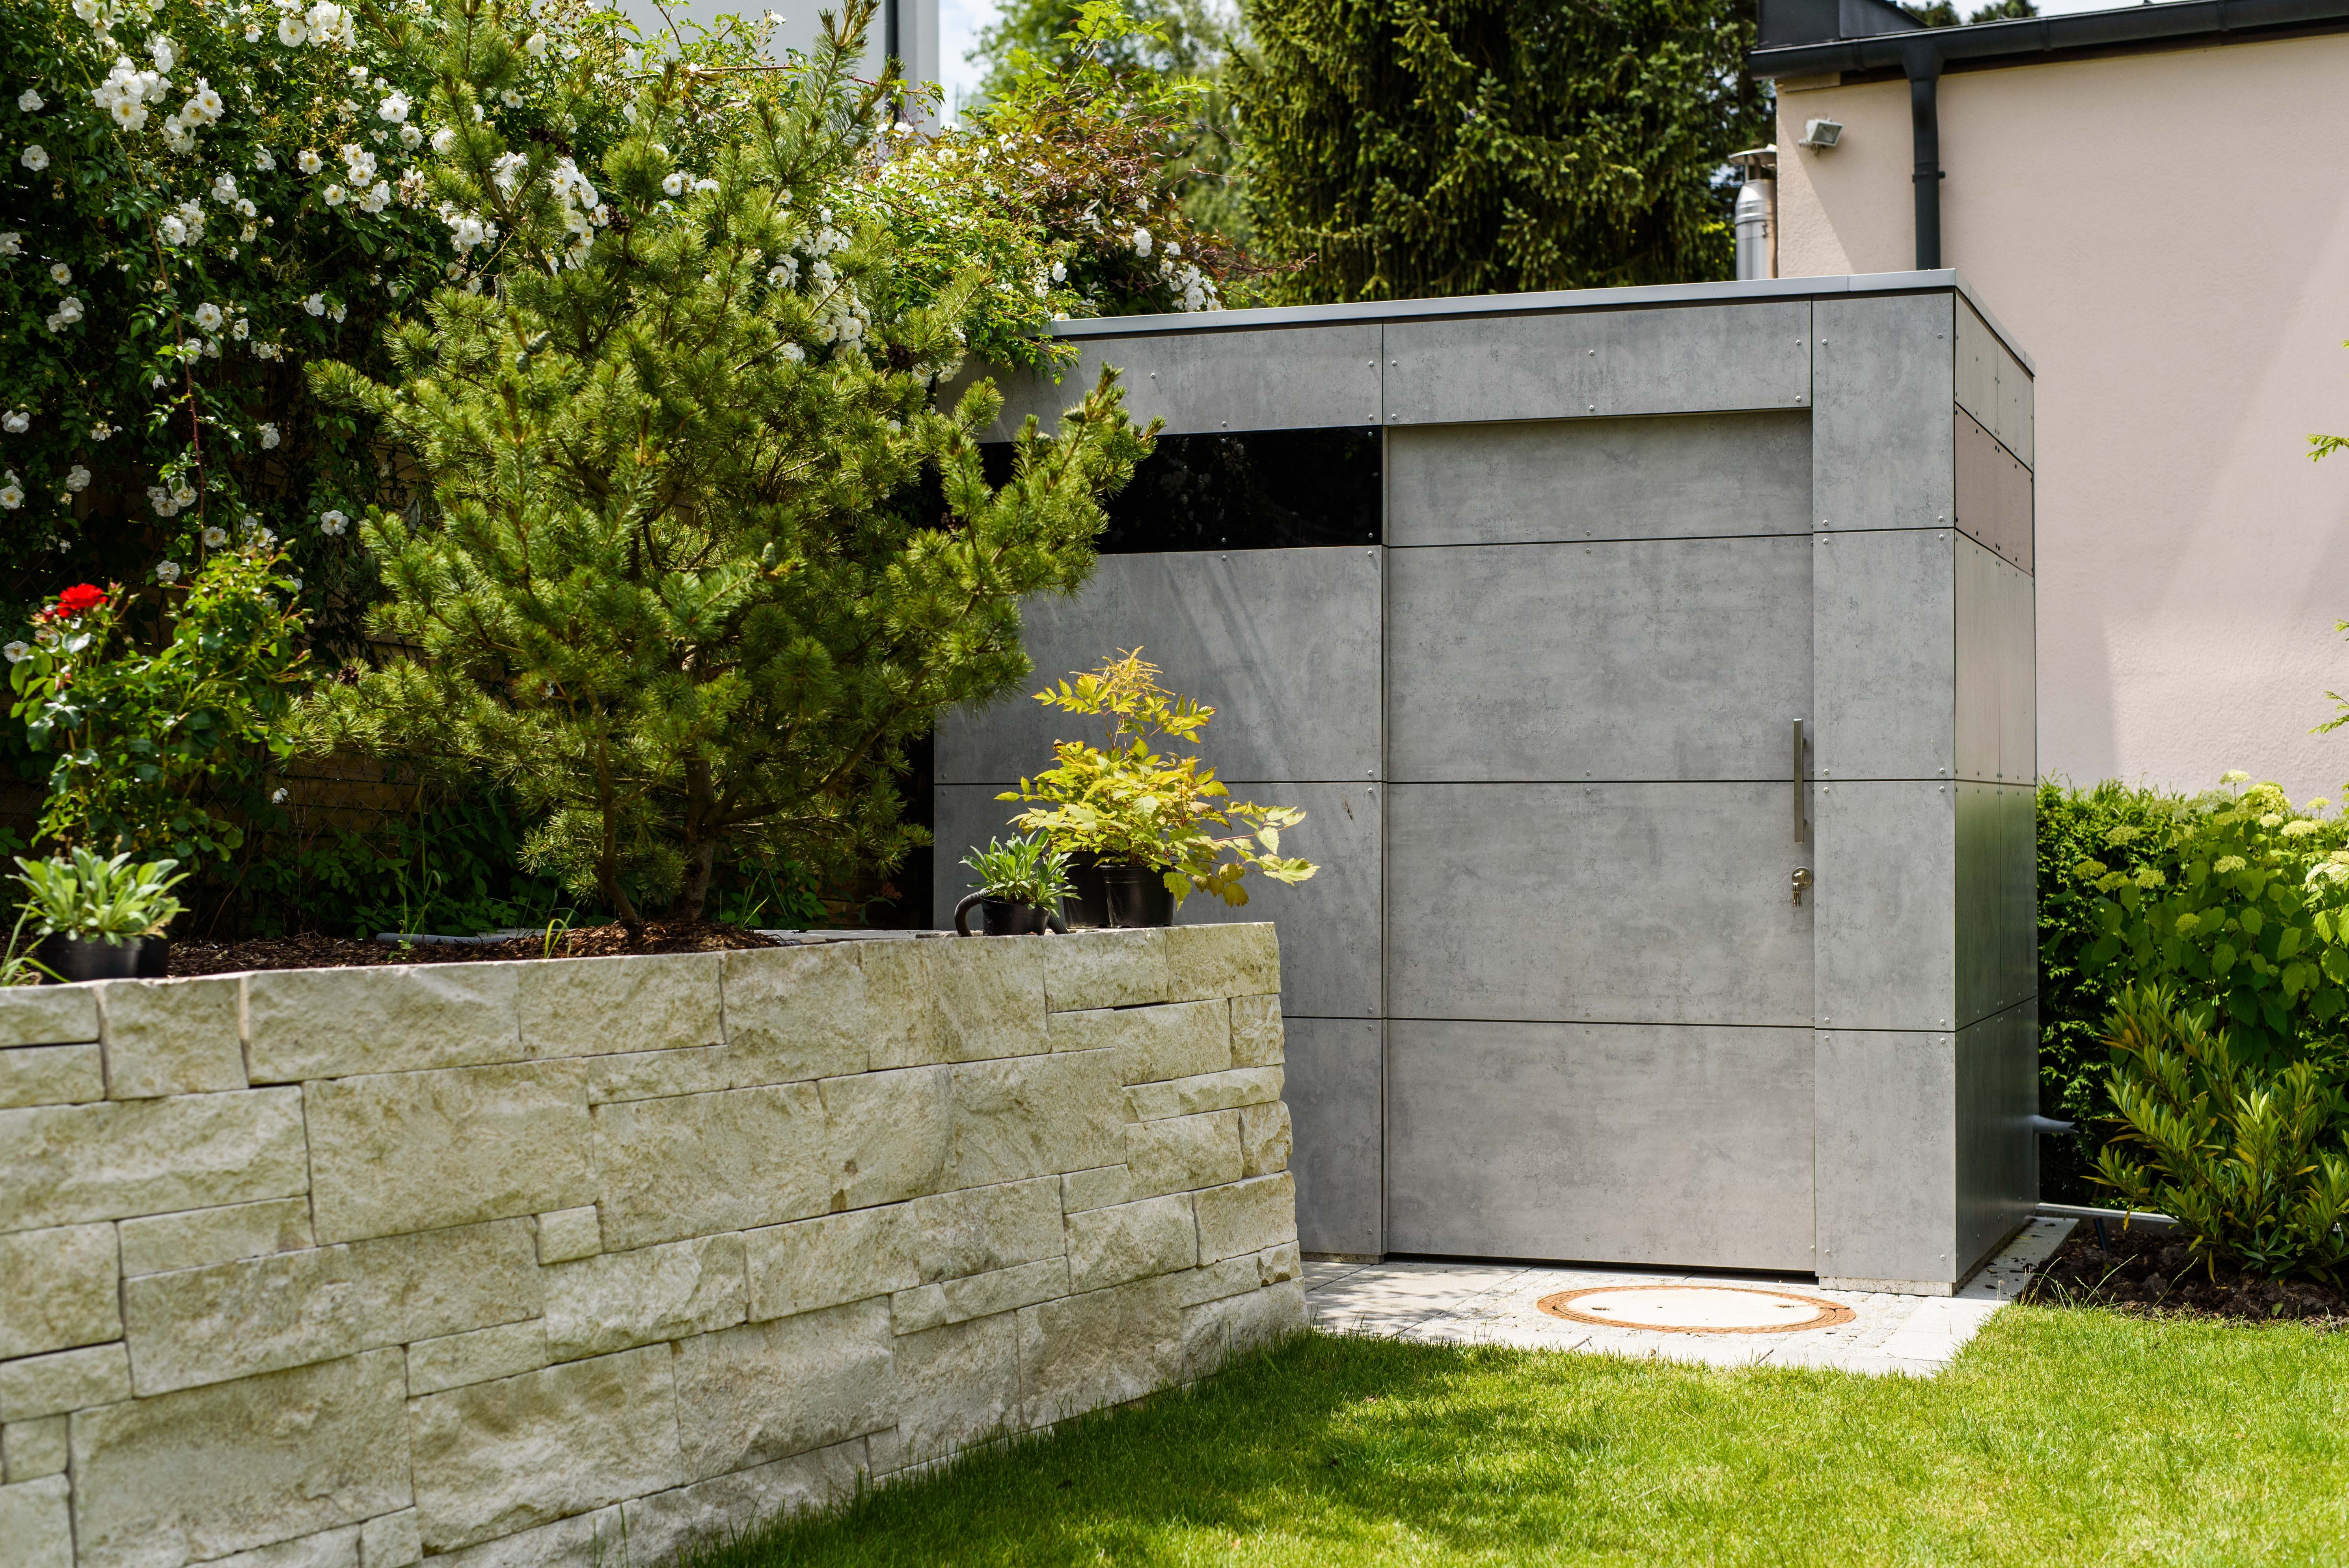 Hausfassade modern streichen  design gartenhaus @_gart | Sichtbetonoptik | niemals streichen ...